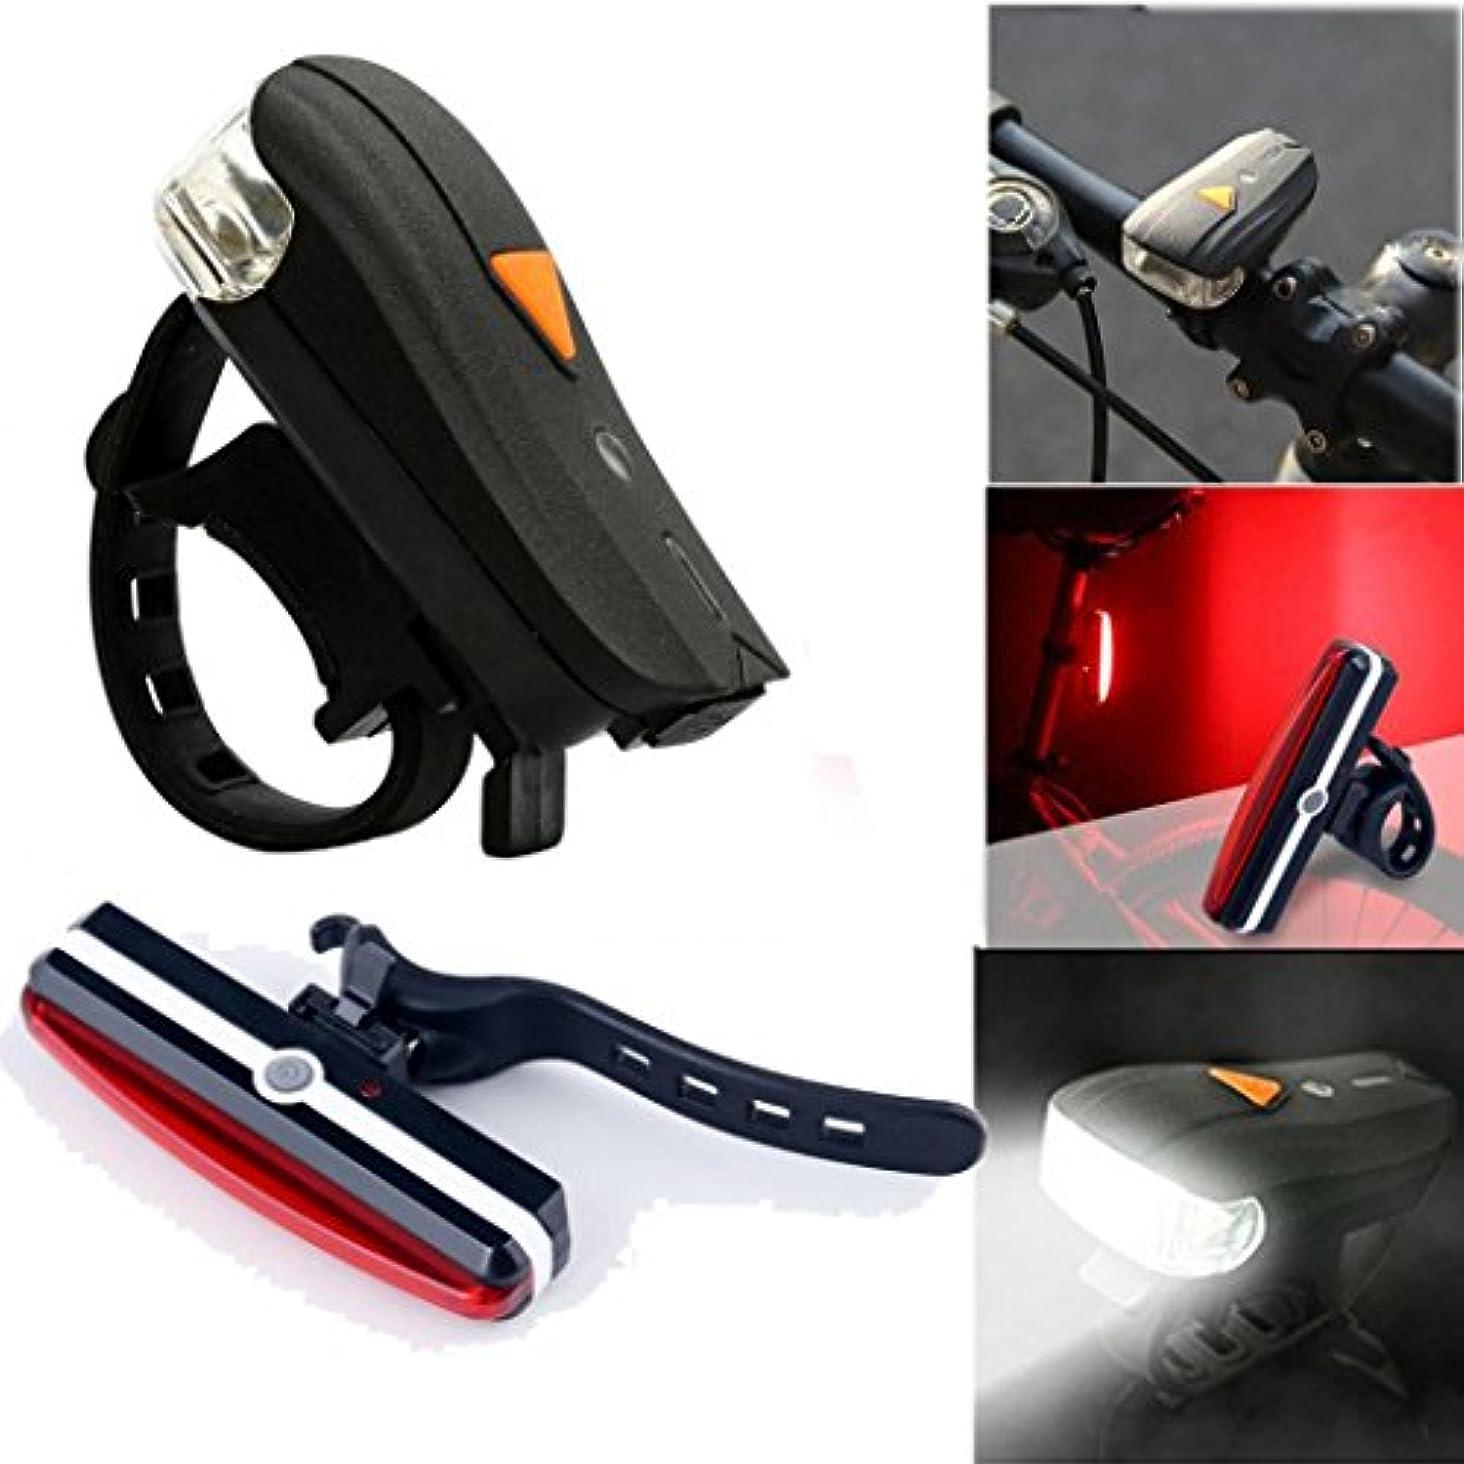 特派員すべて軍隊Sunsee USB充電式LEDバイクライト自転車フロントヘッドランプ安全テールリアランプ